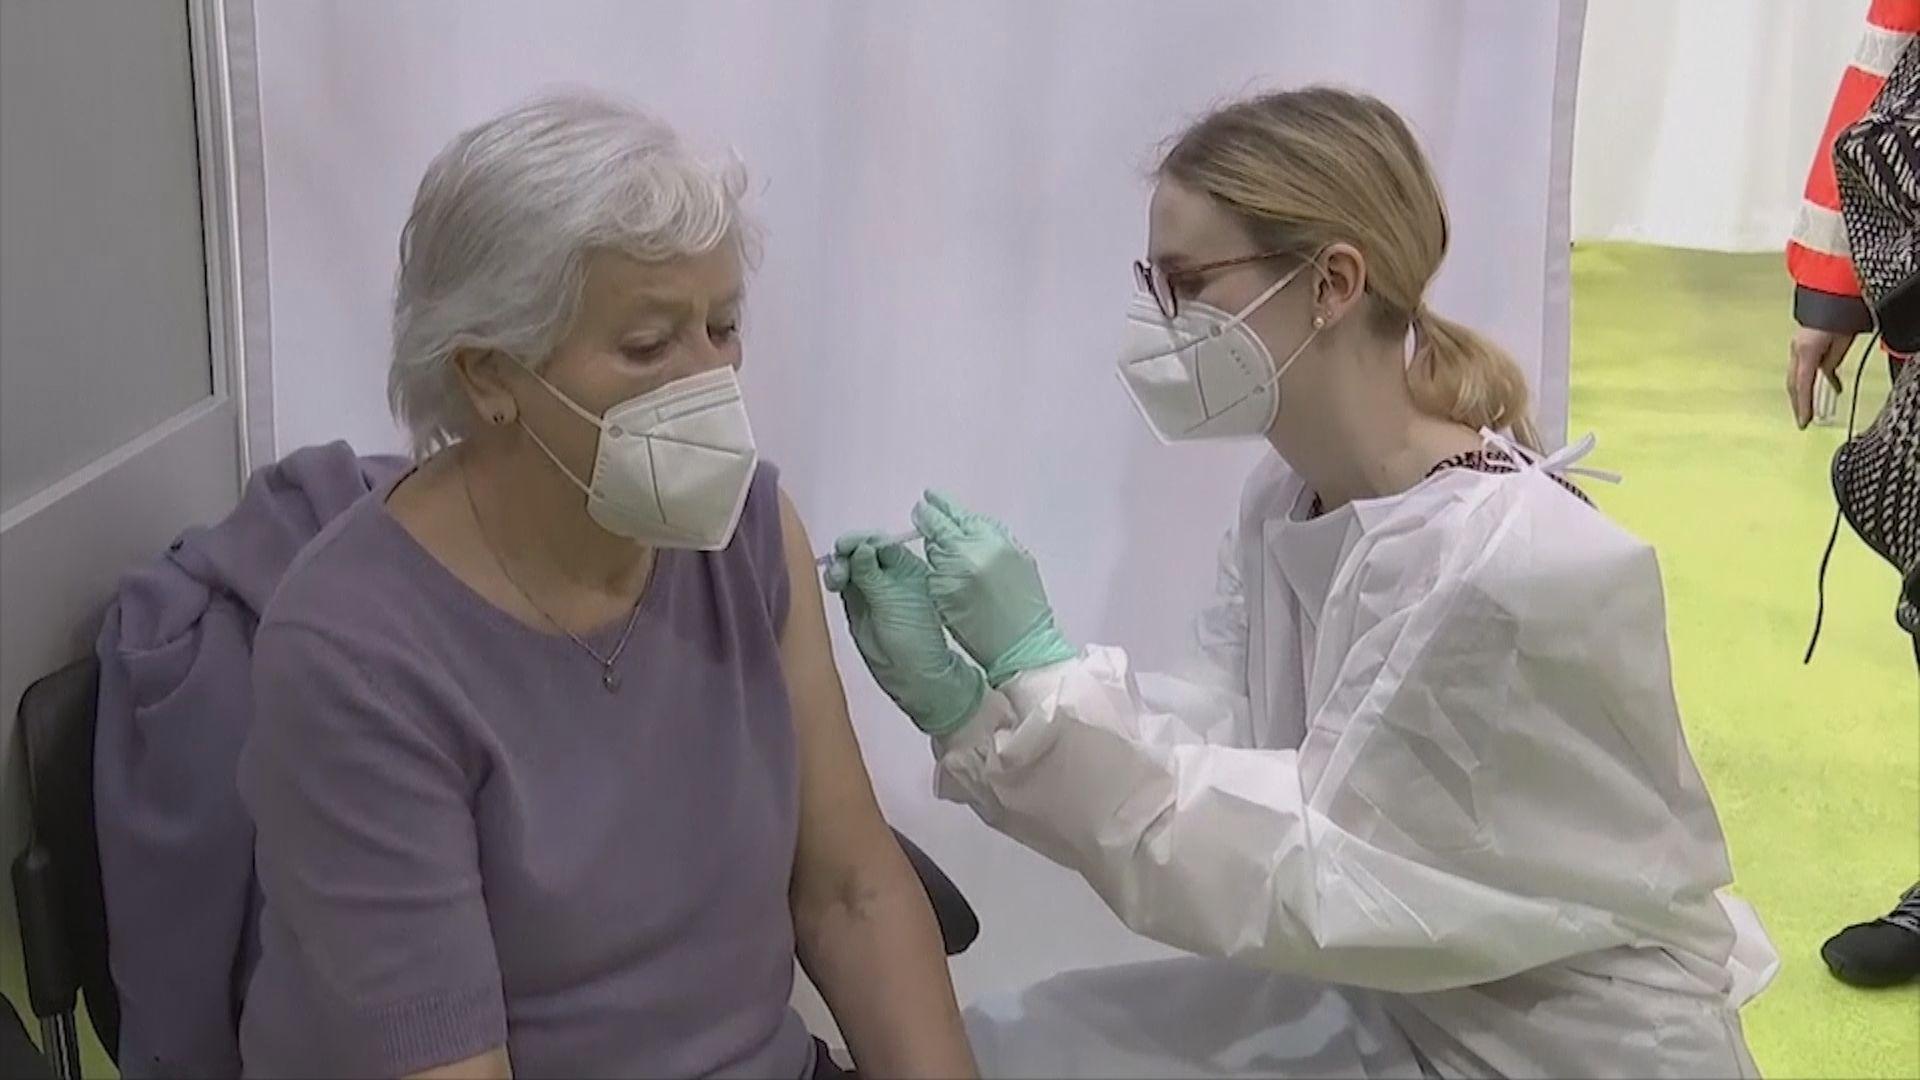 德國7人接種阿斯利康疫苗後出現罕見血栓塞死亡